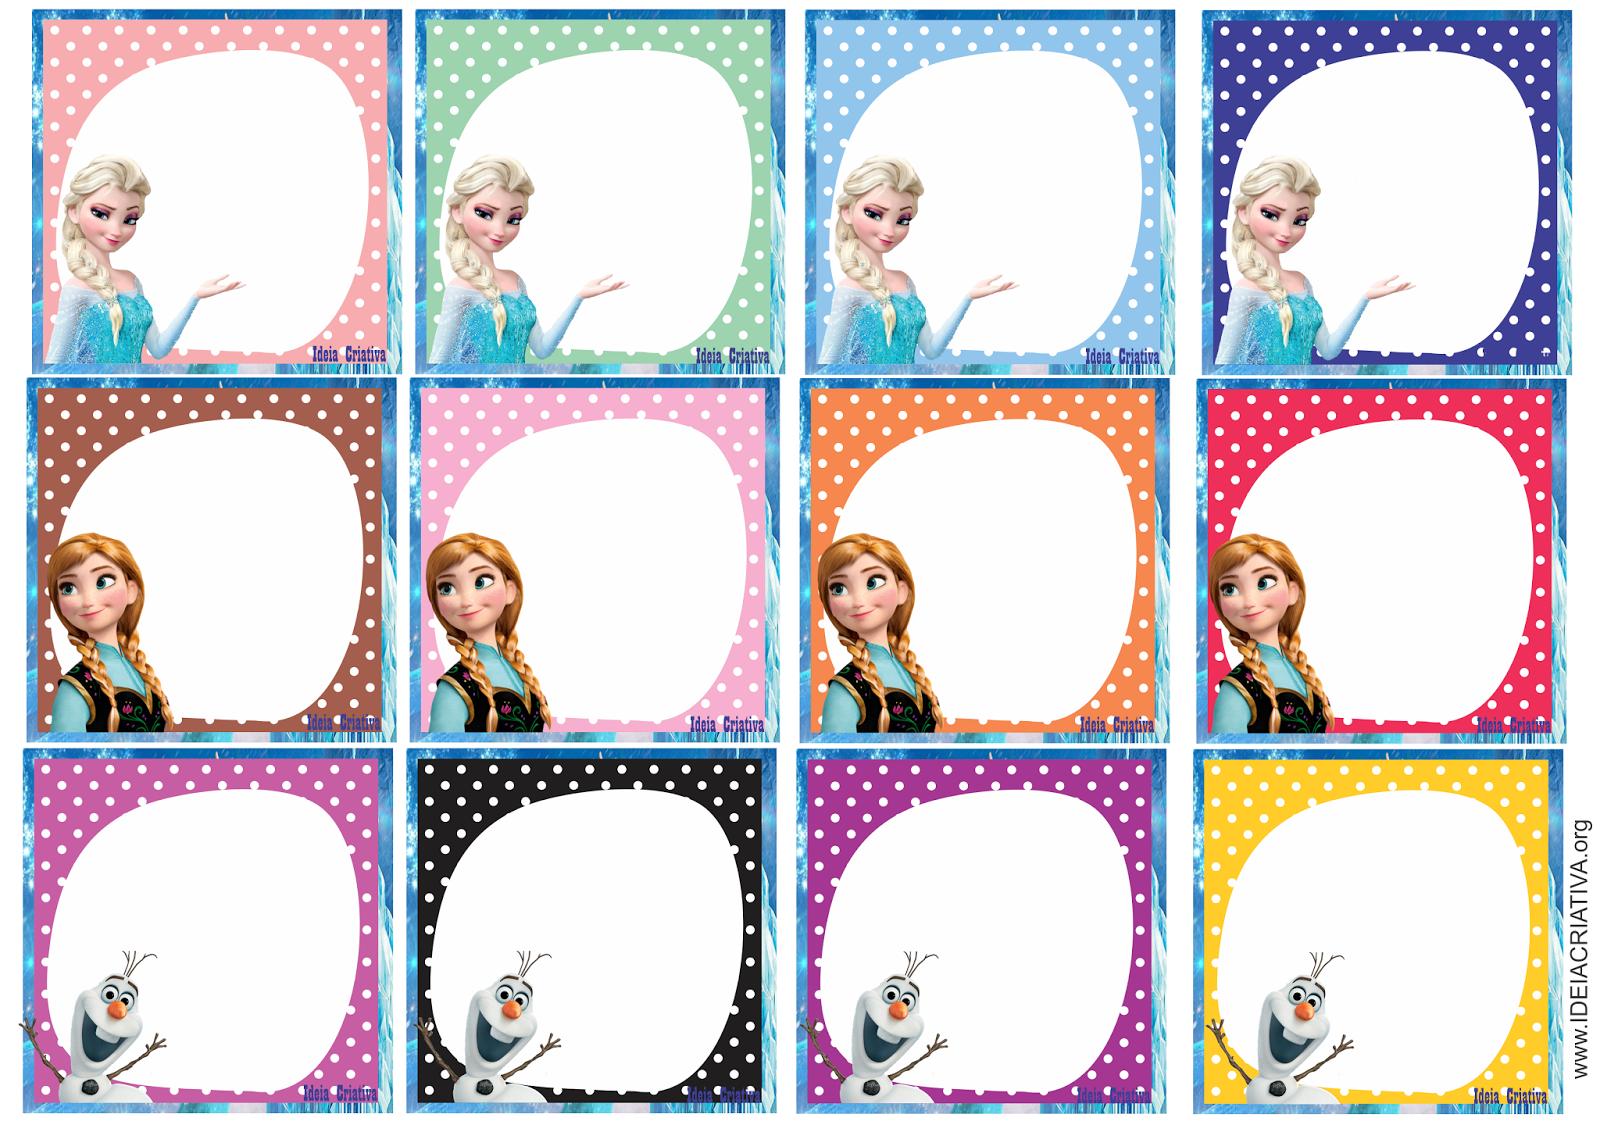 Etiquetas para organizar material escolar Frozen Olaf Anna e Elsa